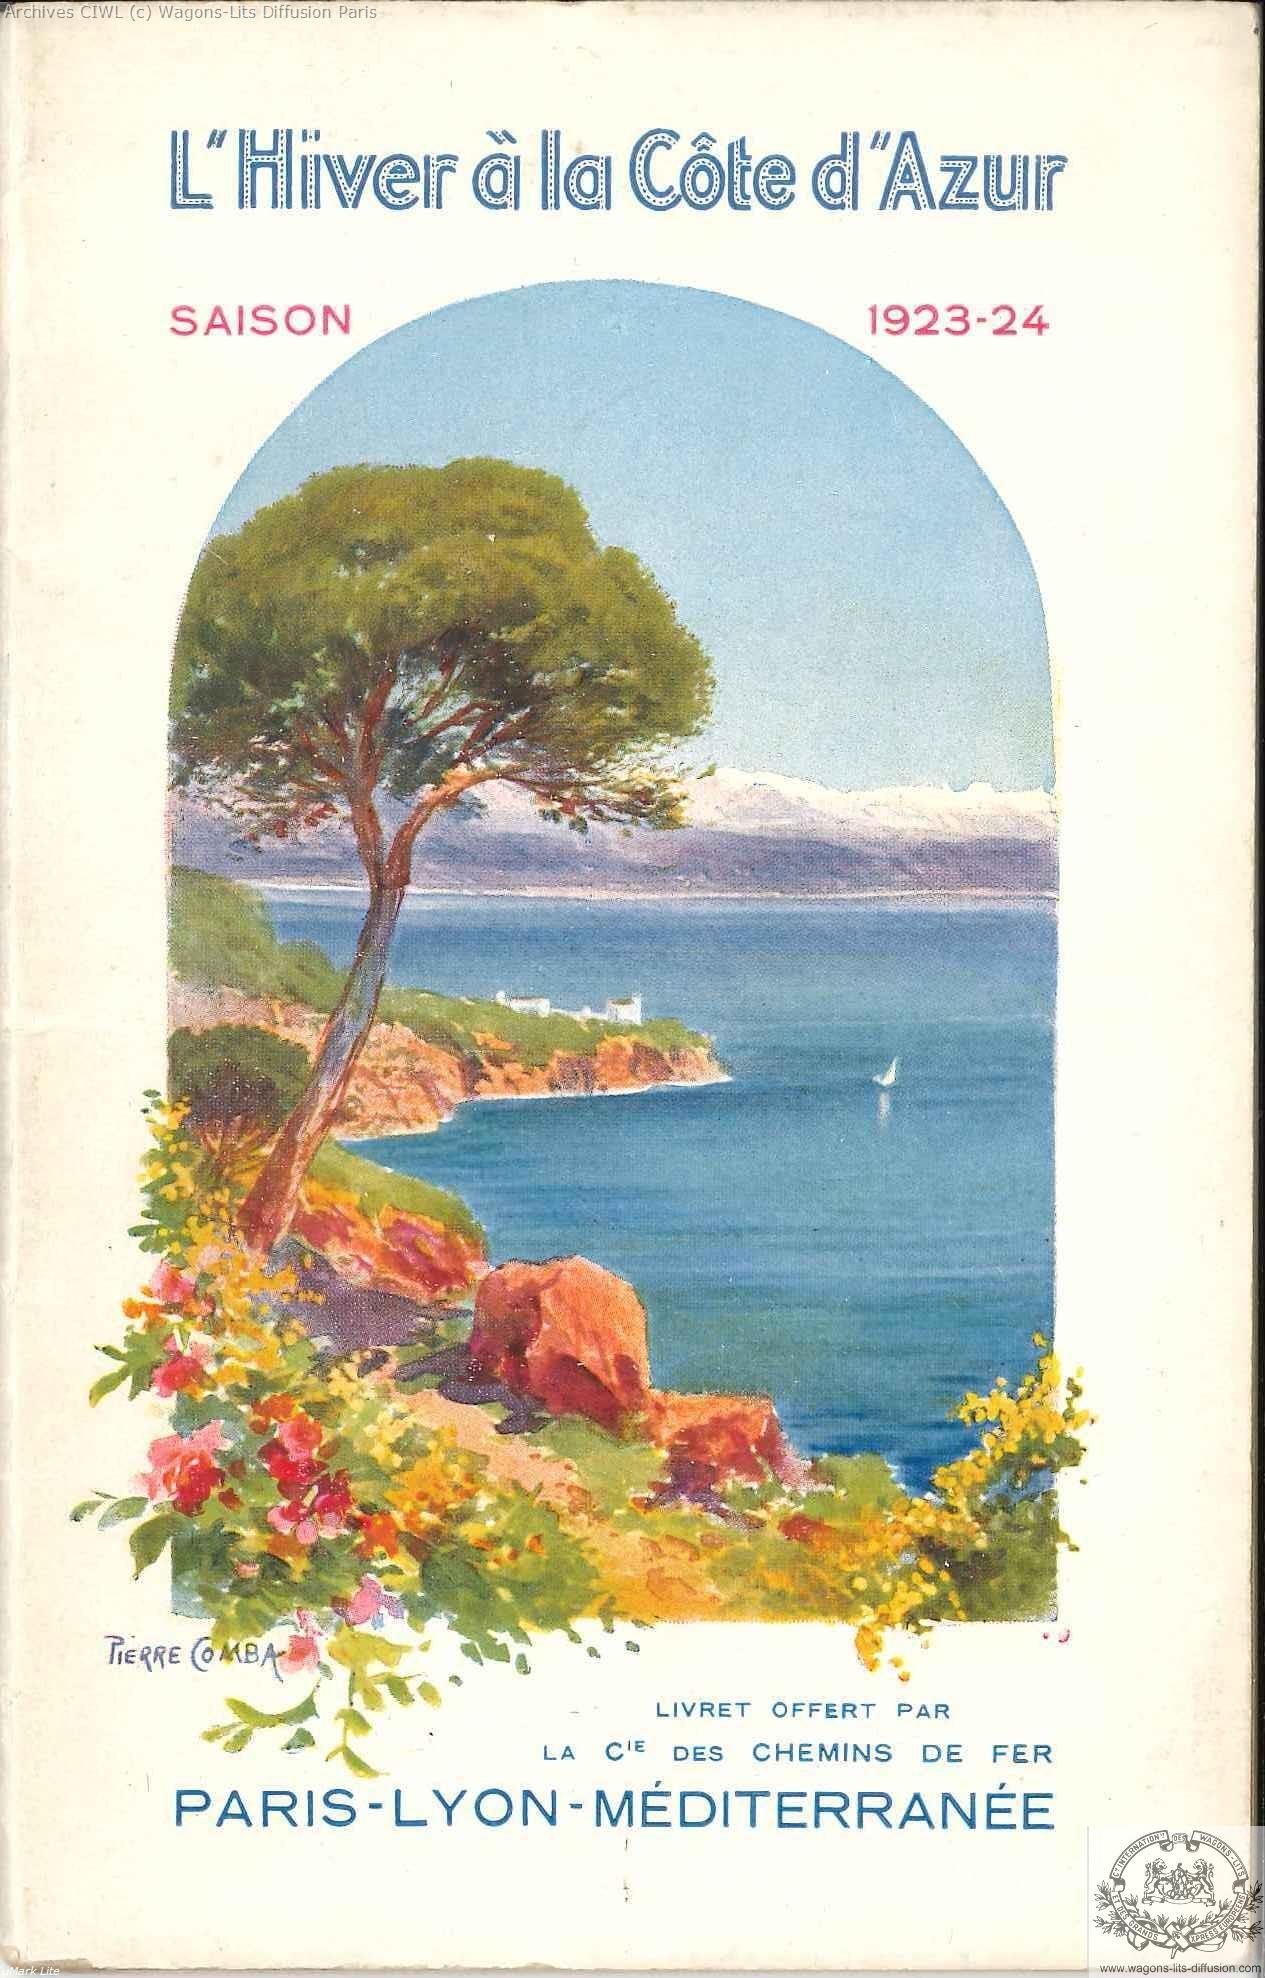 Plm 1923 plm hiver cote azur